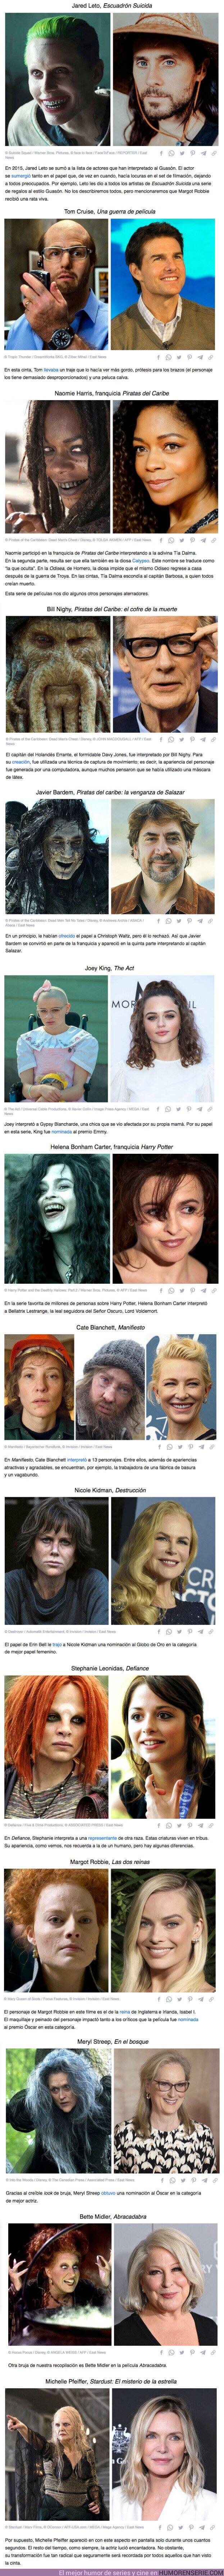 73813 - GALERÍA: 14 Actores que no tuvieron miedo salir más feo que un demonio en pantalla